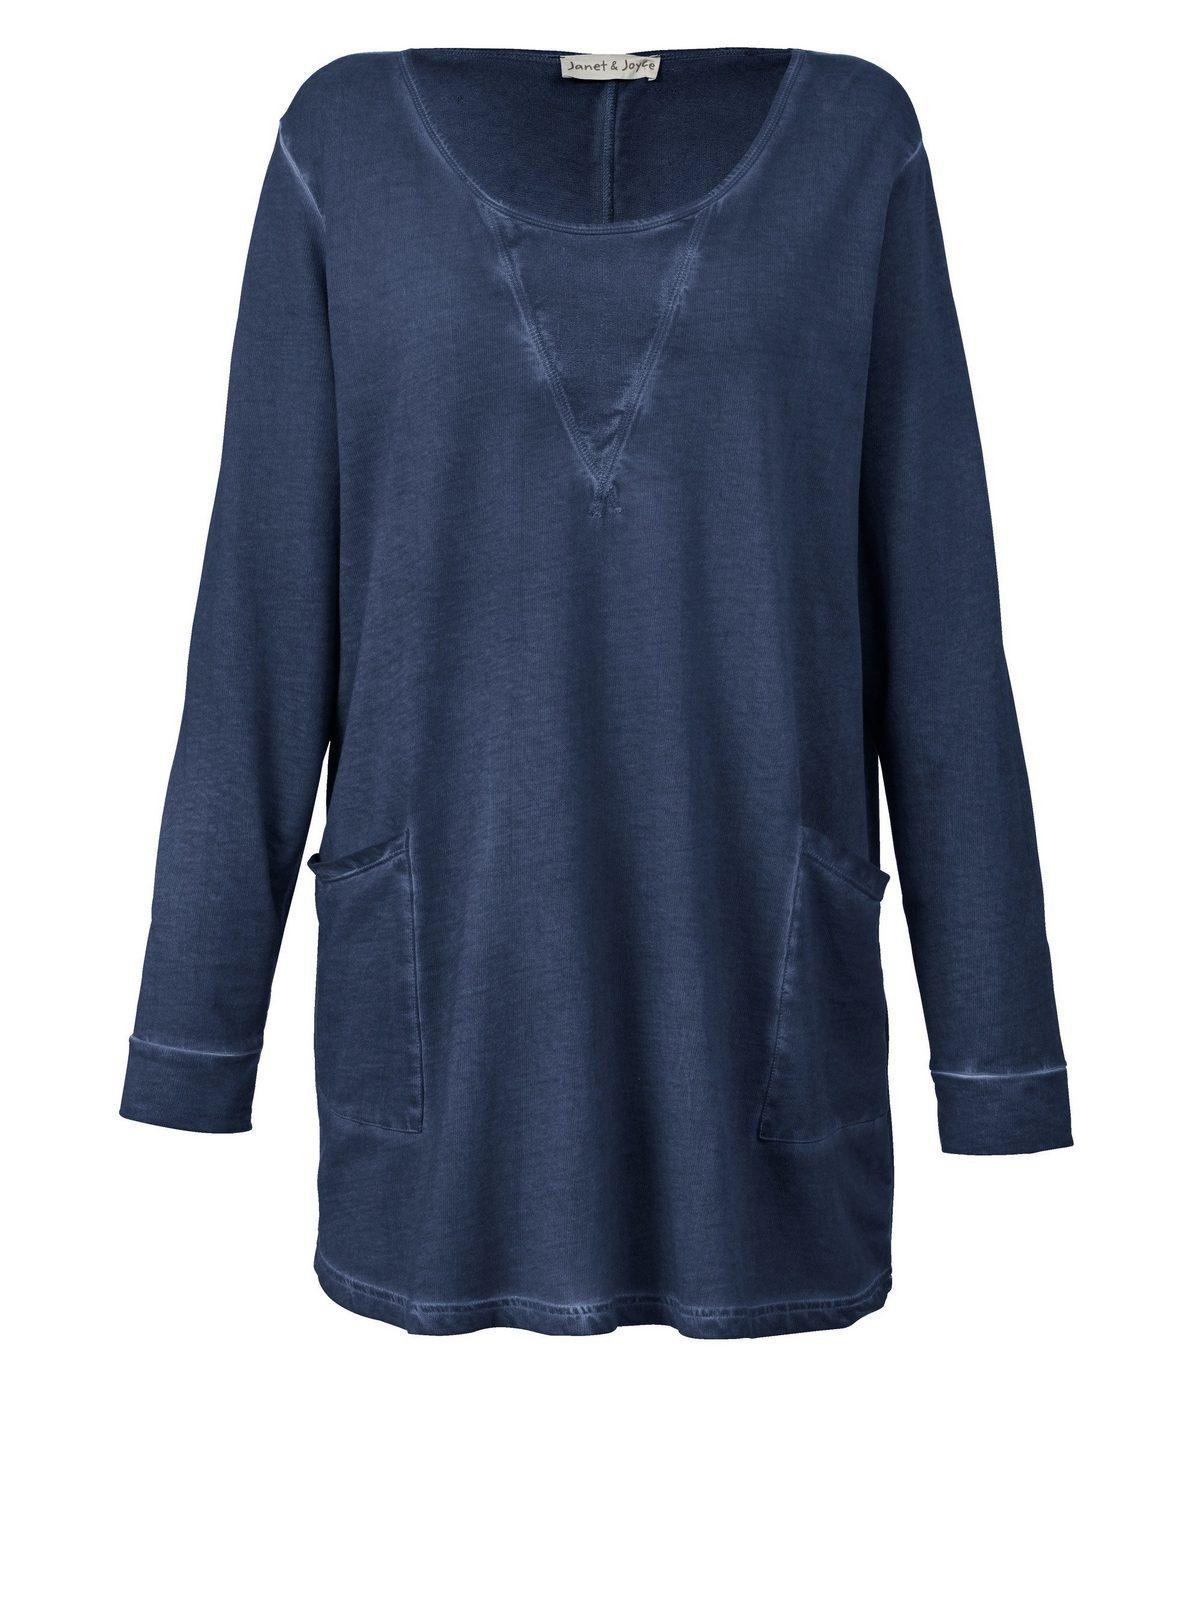 Janet und Joyce by Happy Size Long-Sweatshirt oil wash